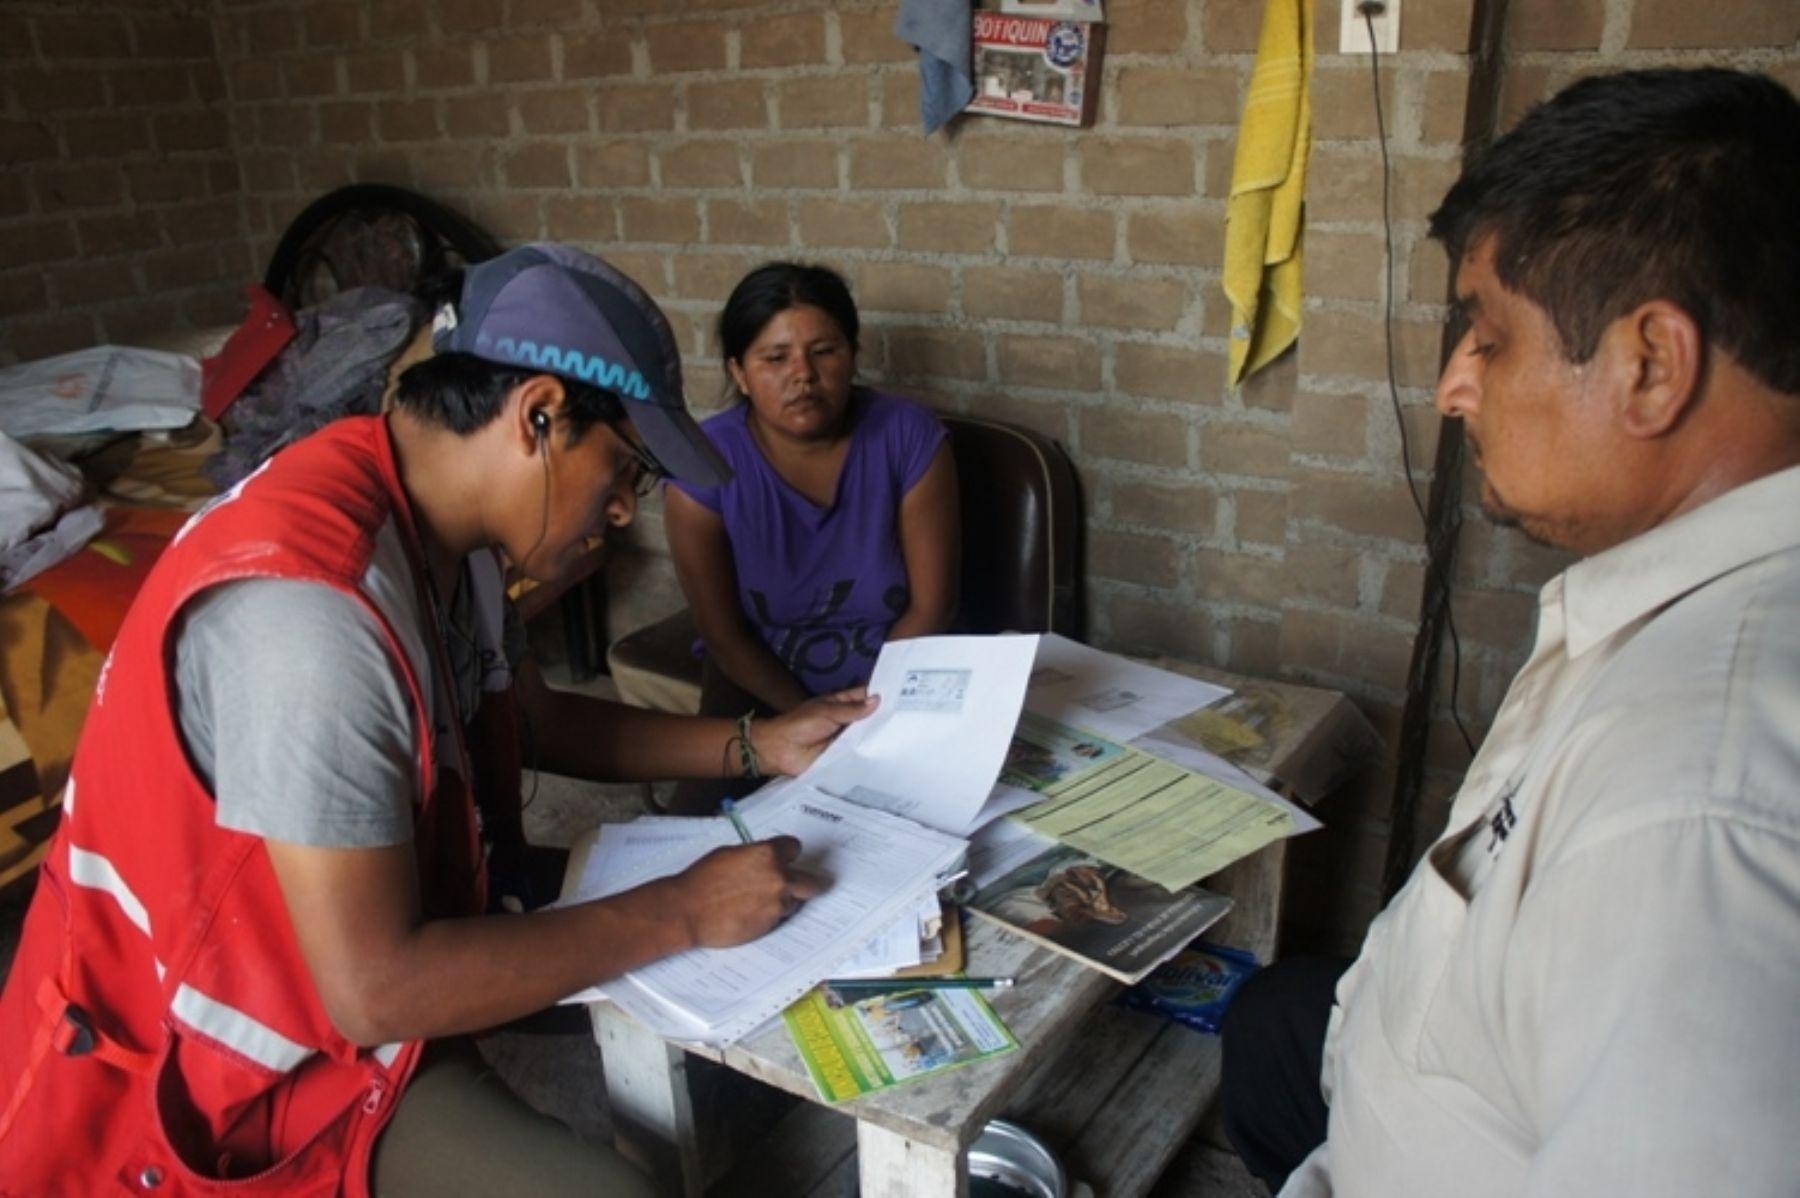 Censos 2017: empadronadores estarán plenamente identificados e irán en grupos